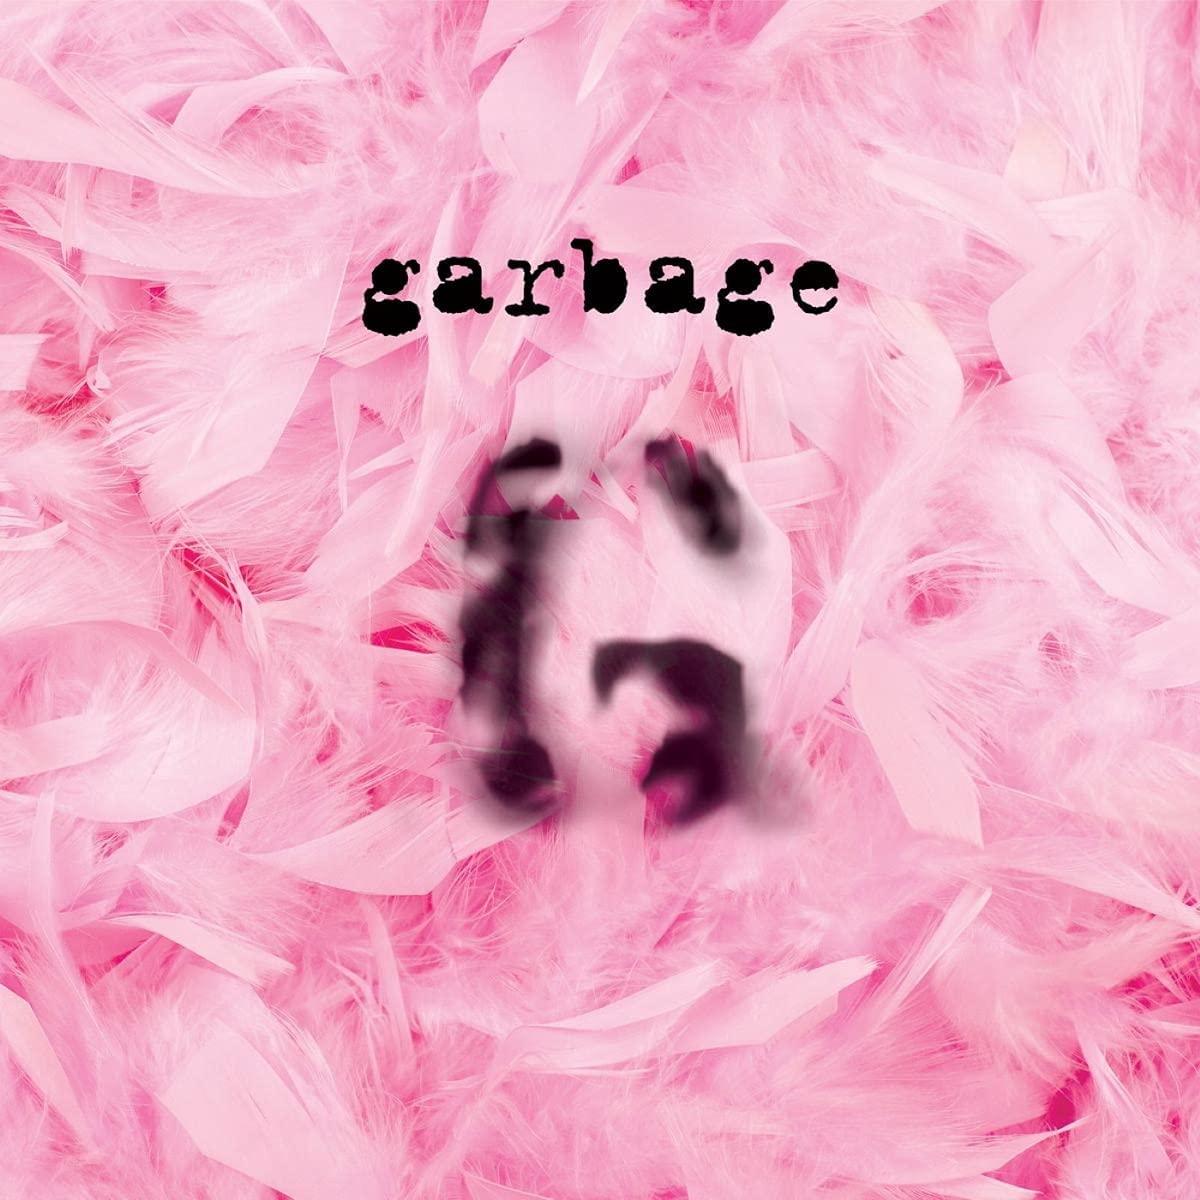 Garbage / CD and vinyl reissues